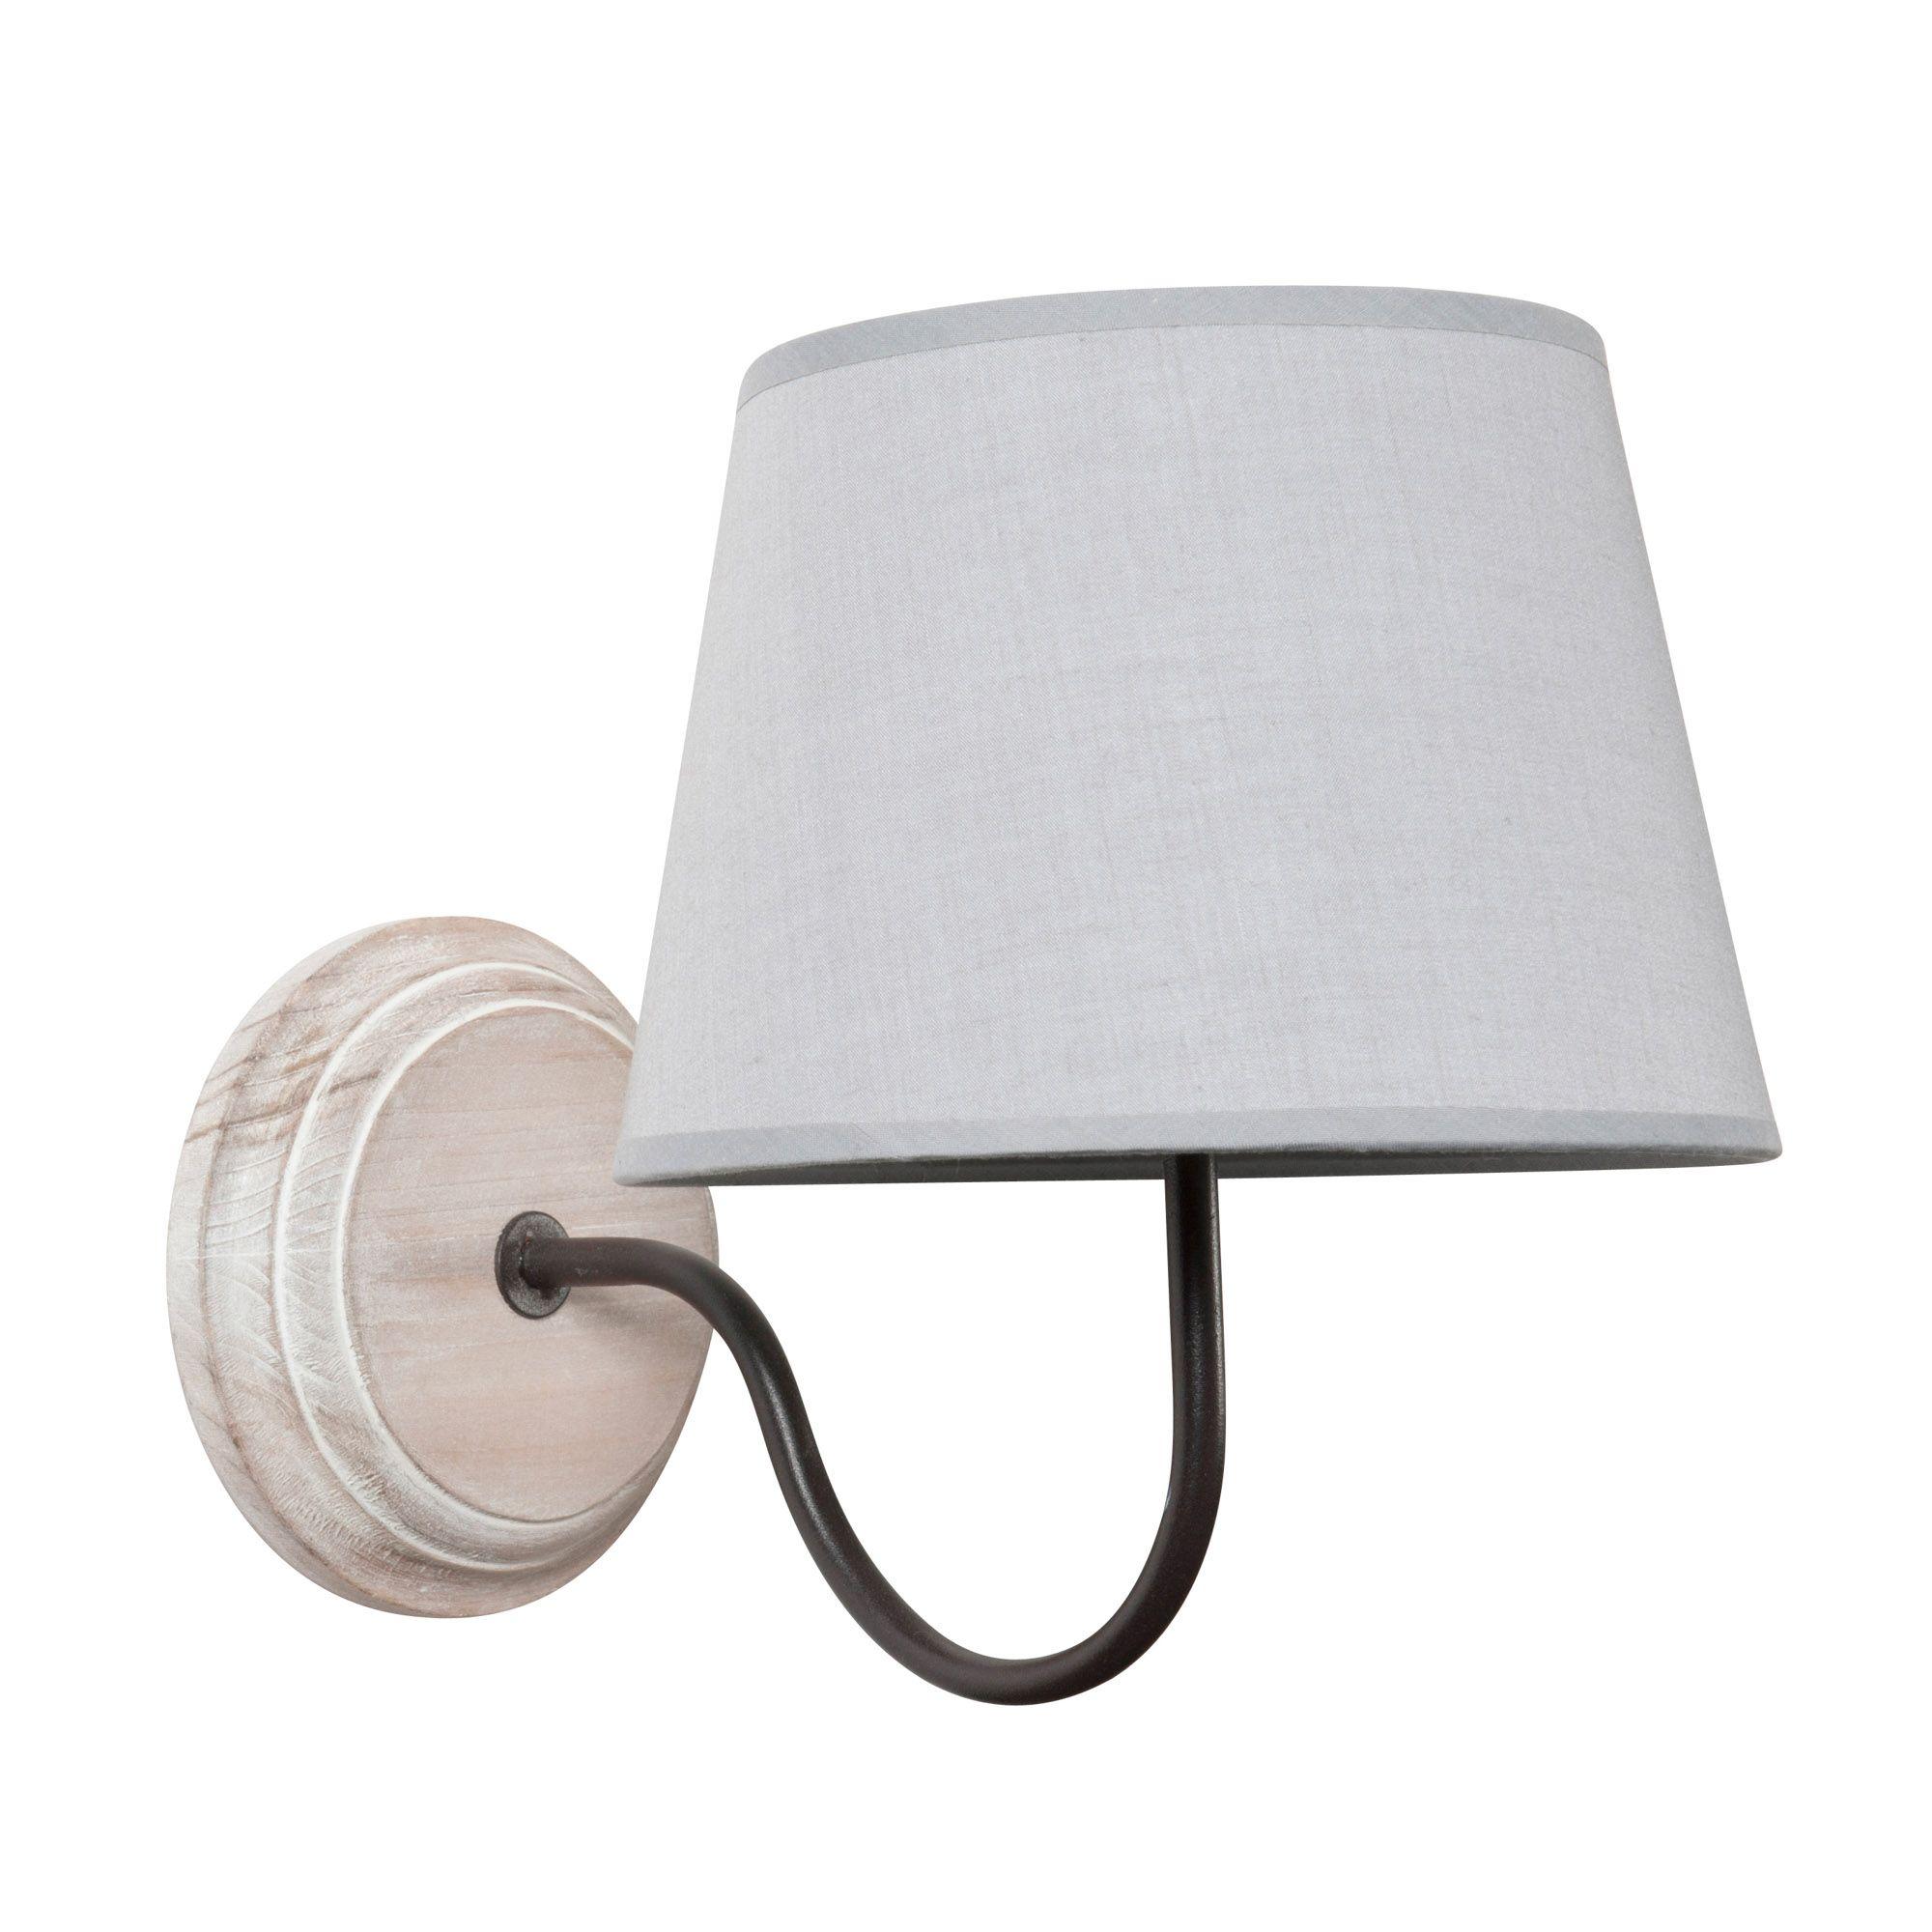 Applique en bois et tissu gris H 26 cm HéLOISE Bedroom